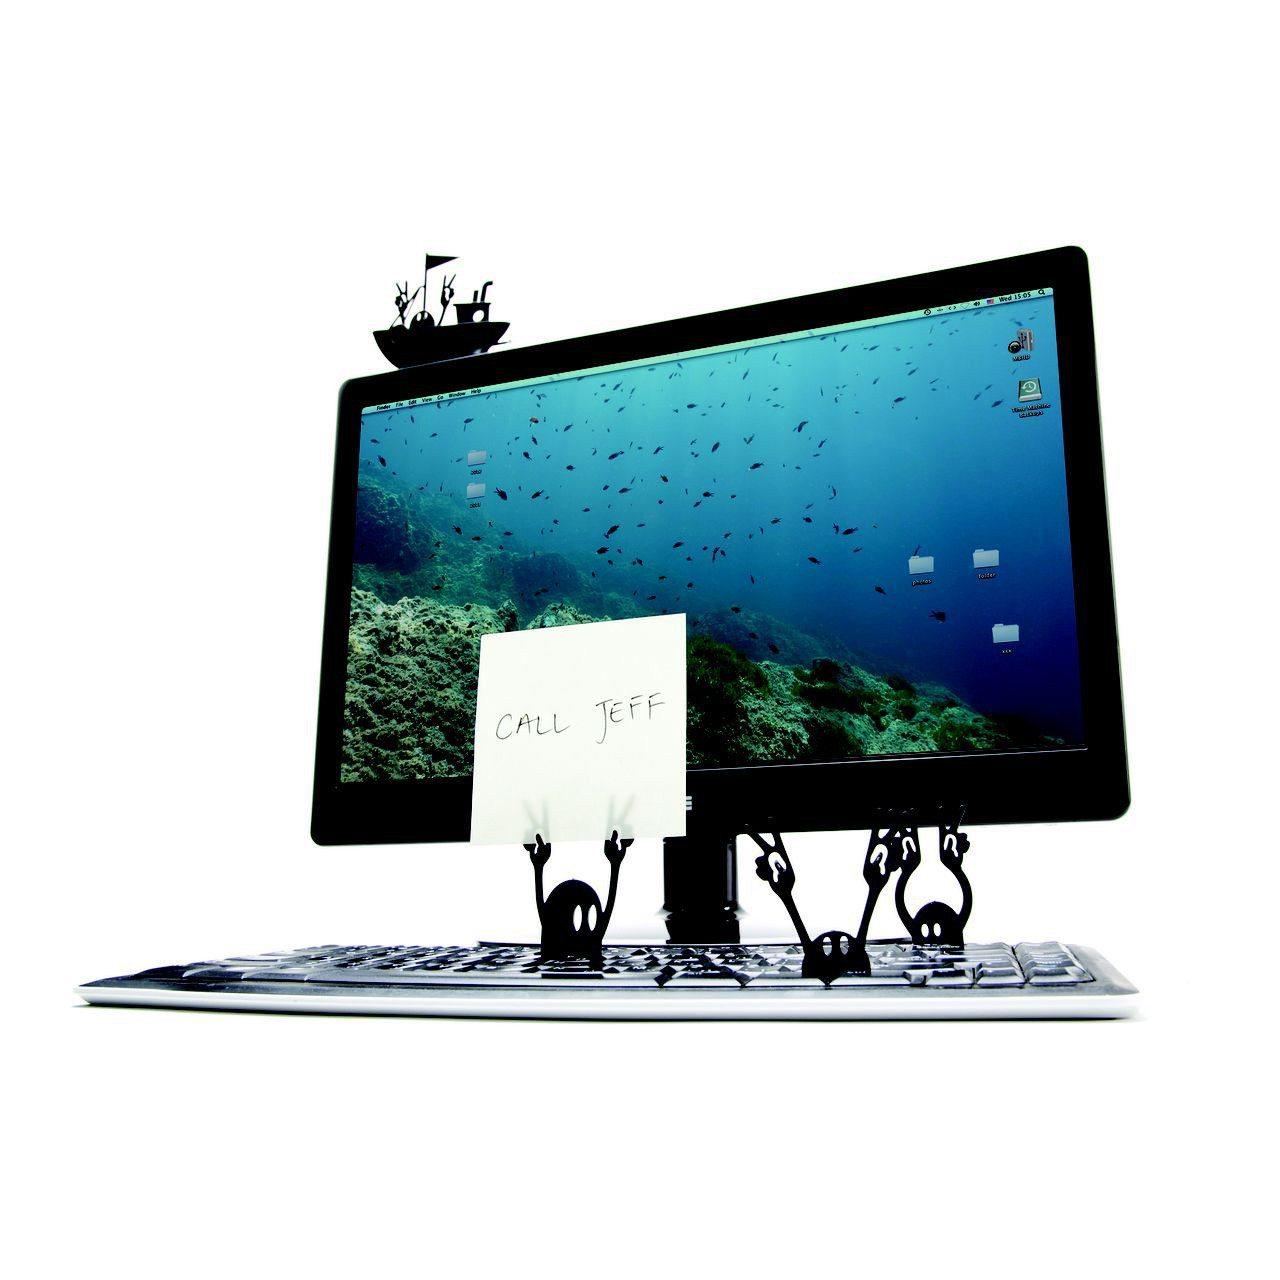 Piratas de teclado - Tu ordenador más divertido que nunca